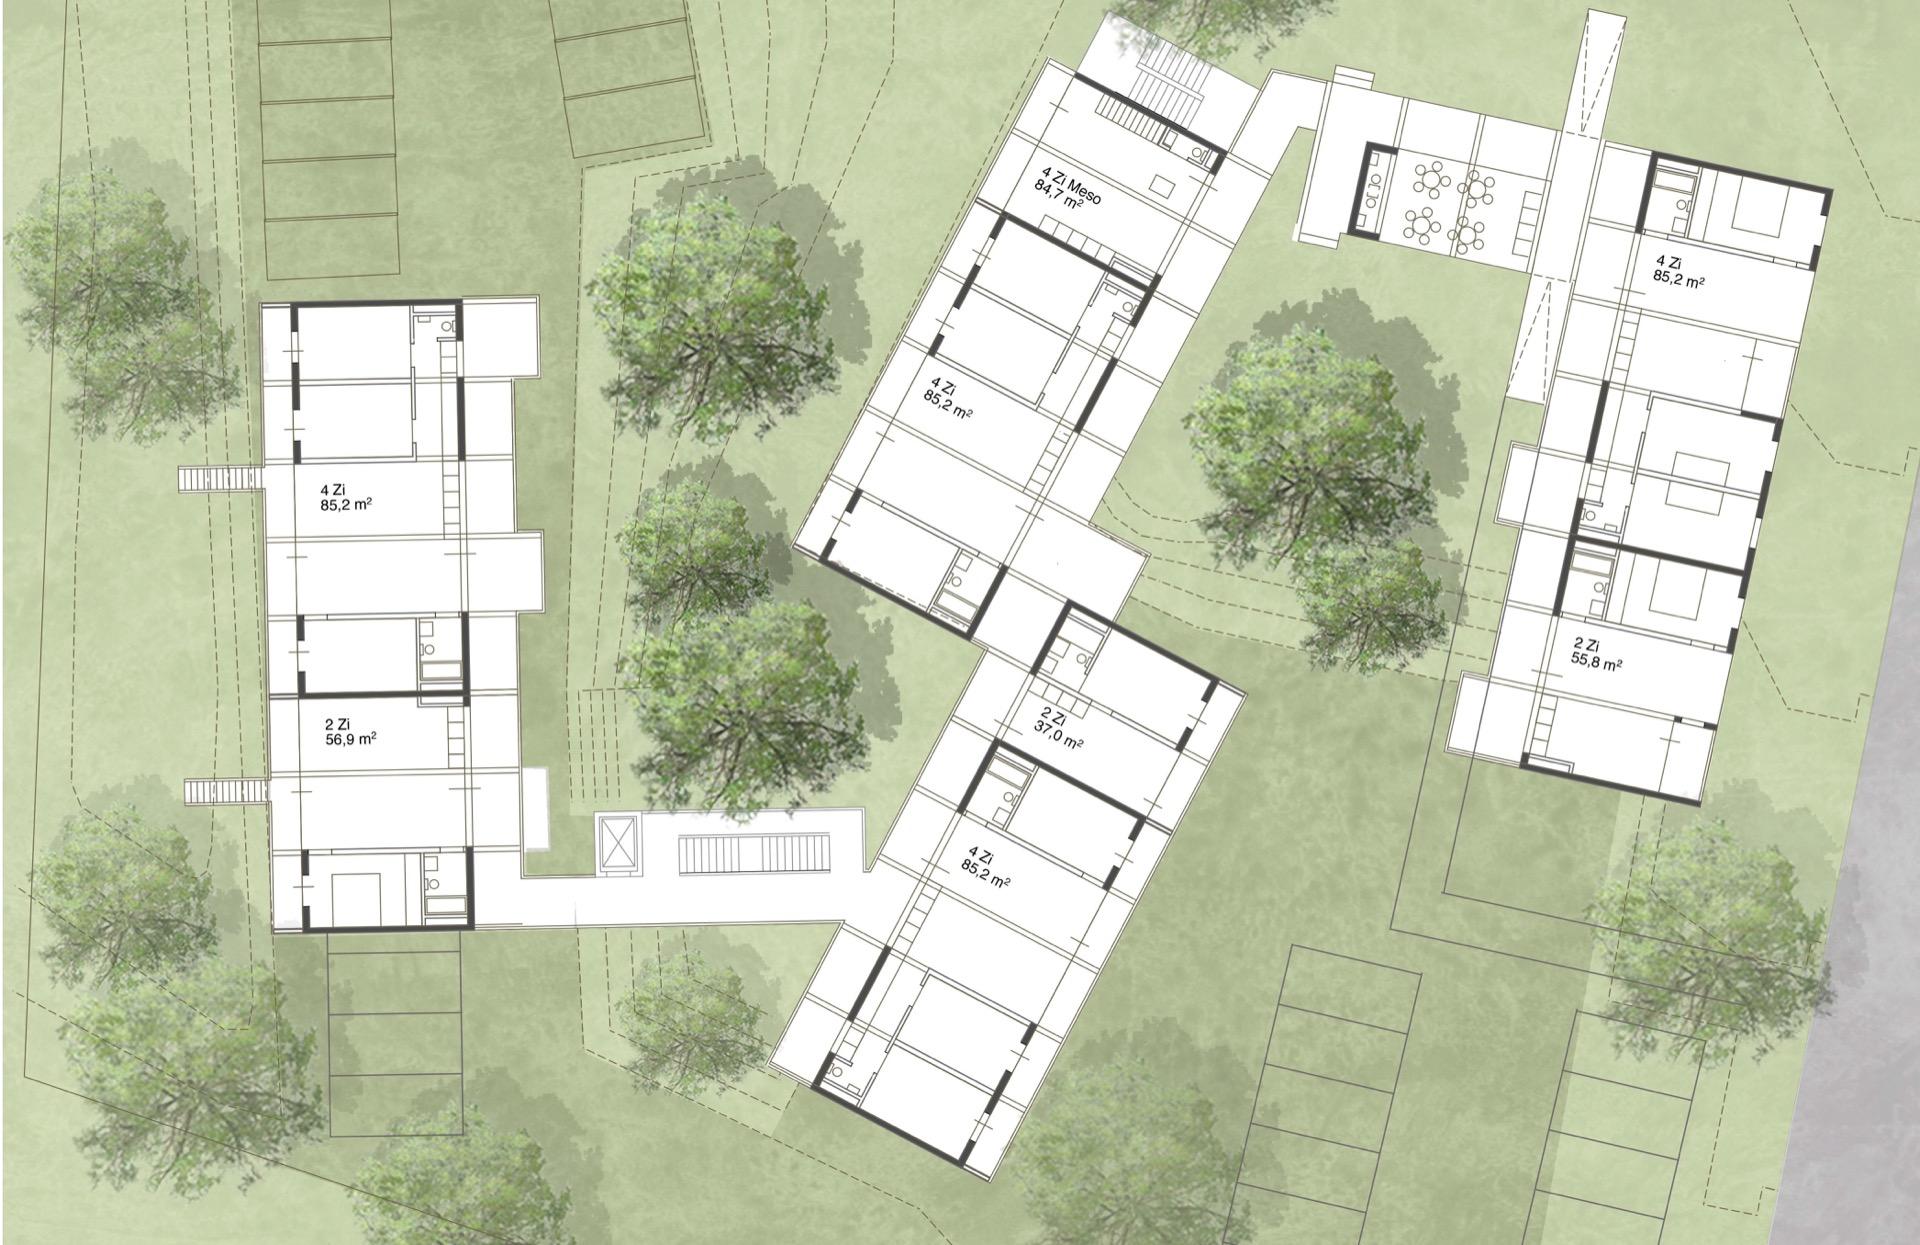 Grundrisse © Welp von Klitzing Architekten Stadtplaner